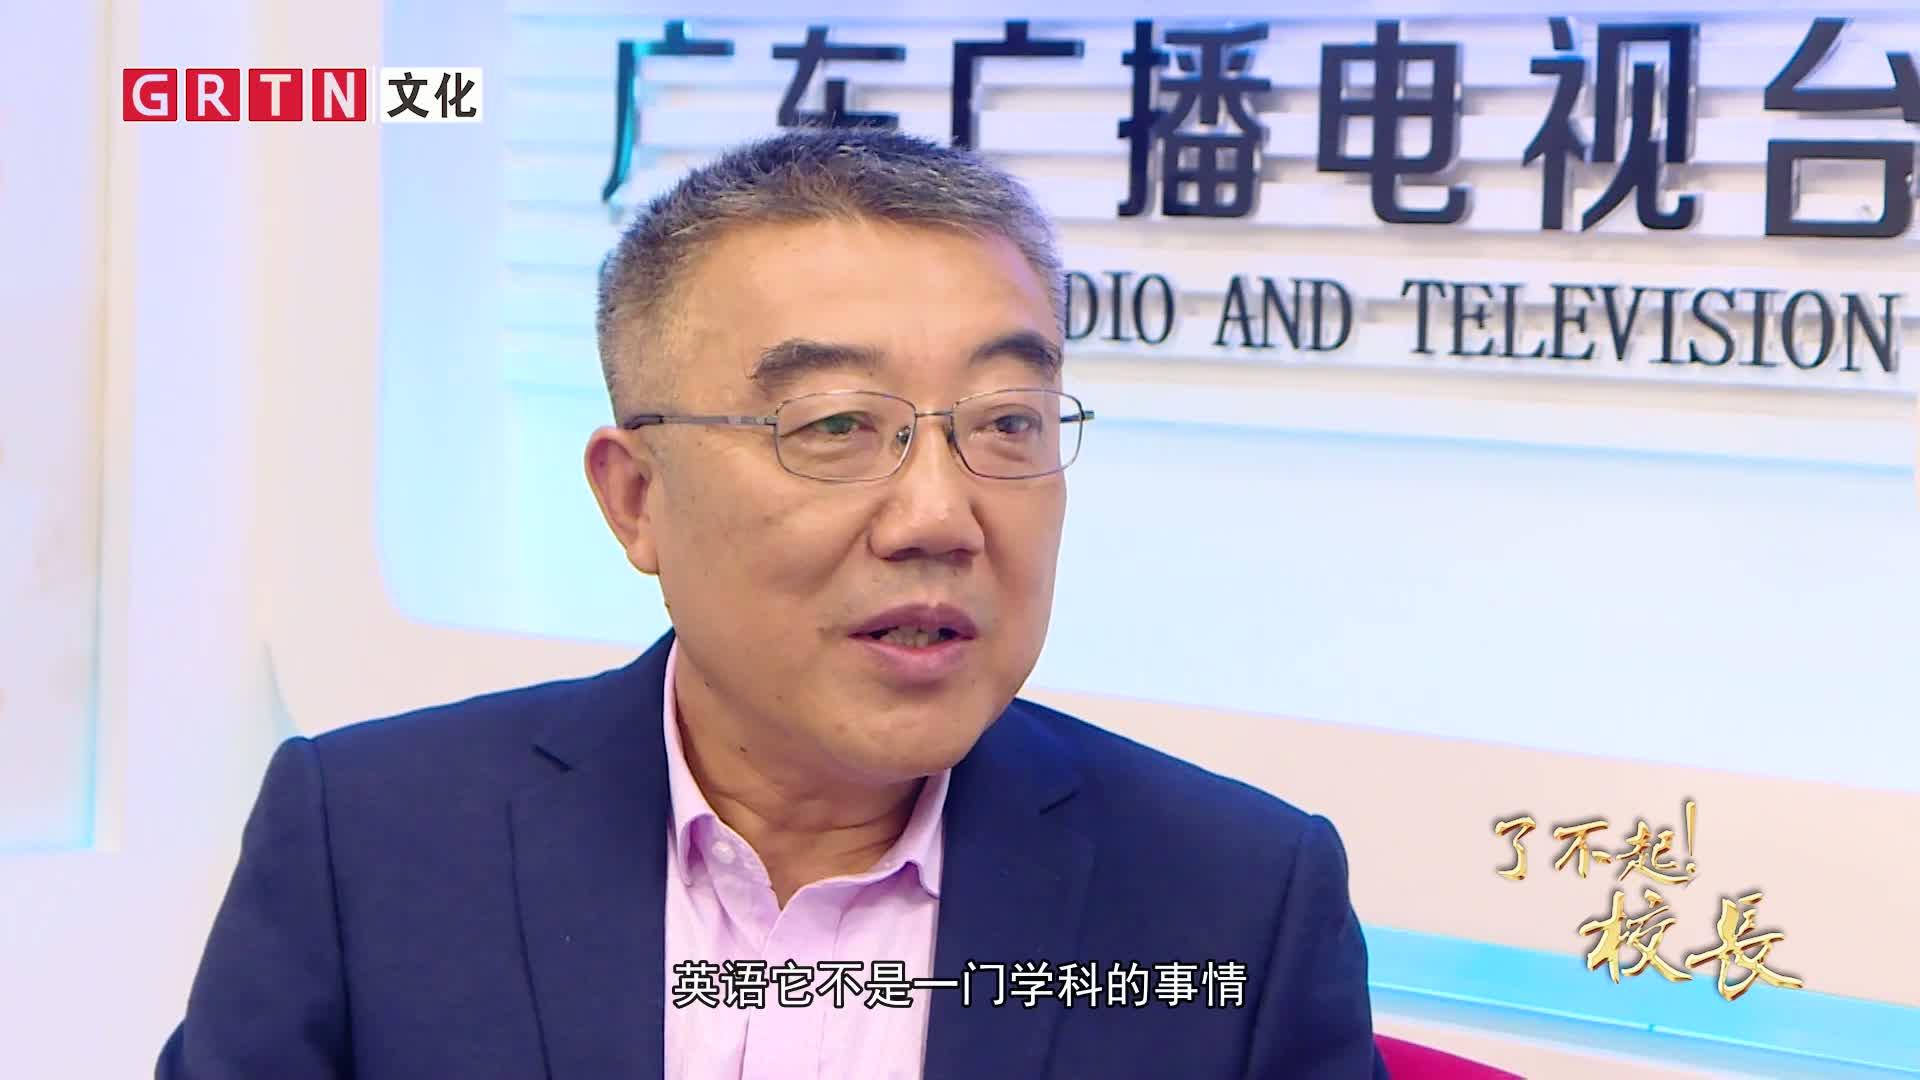 7、《了不起!校长》之广东碧桂园学校